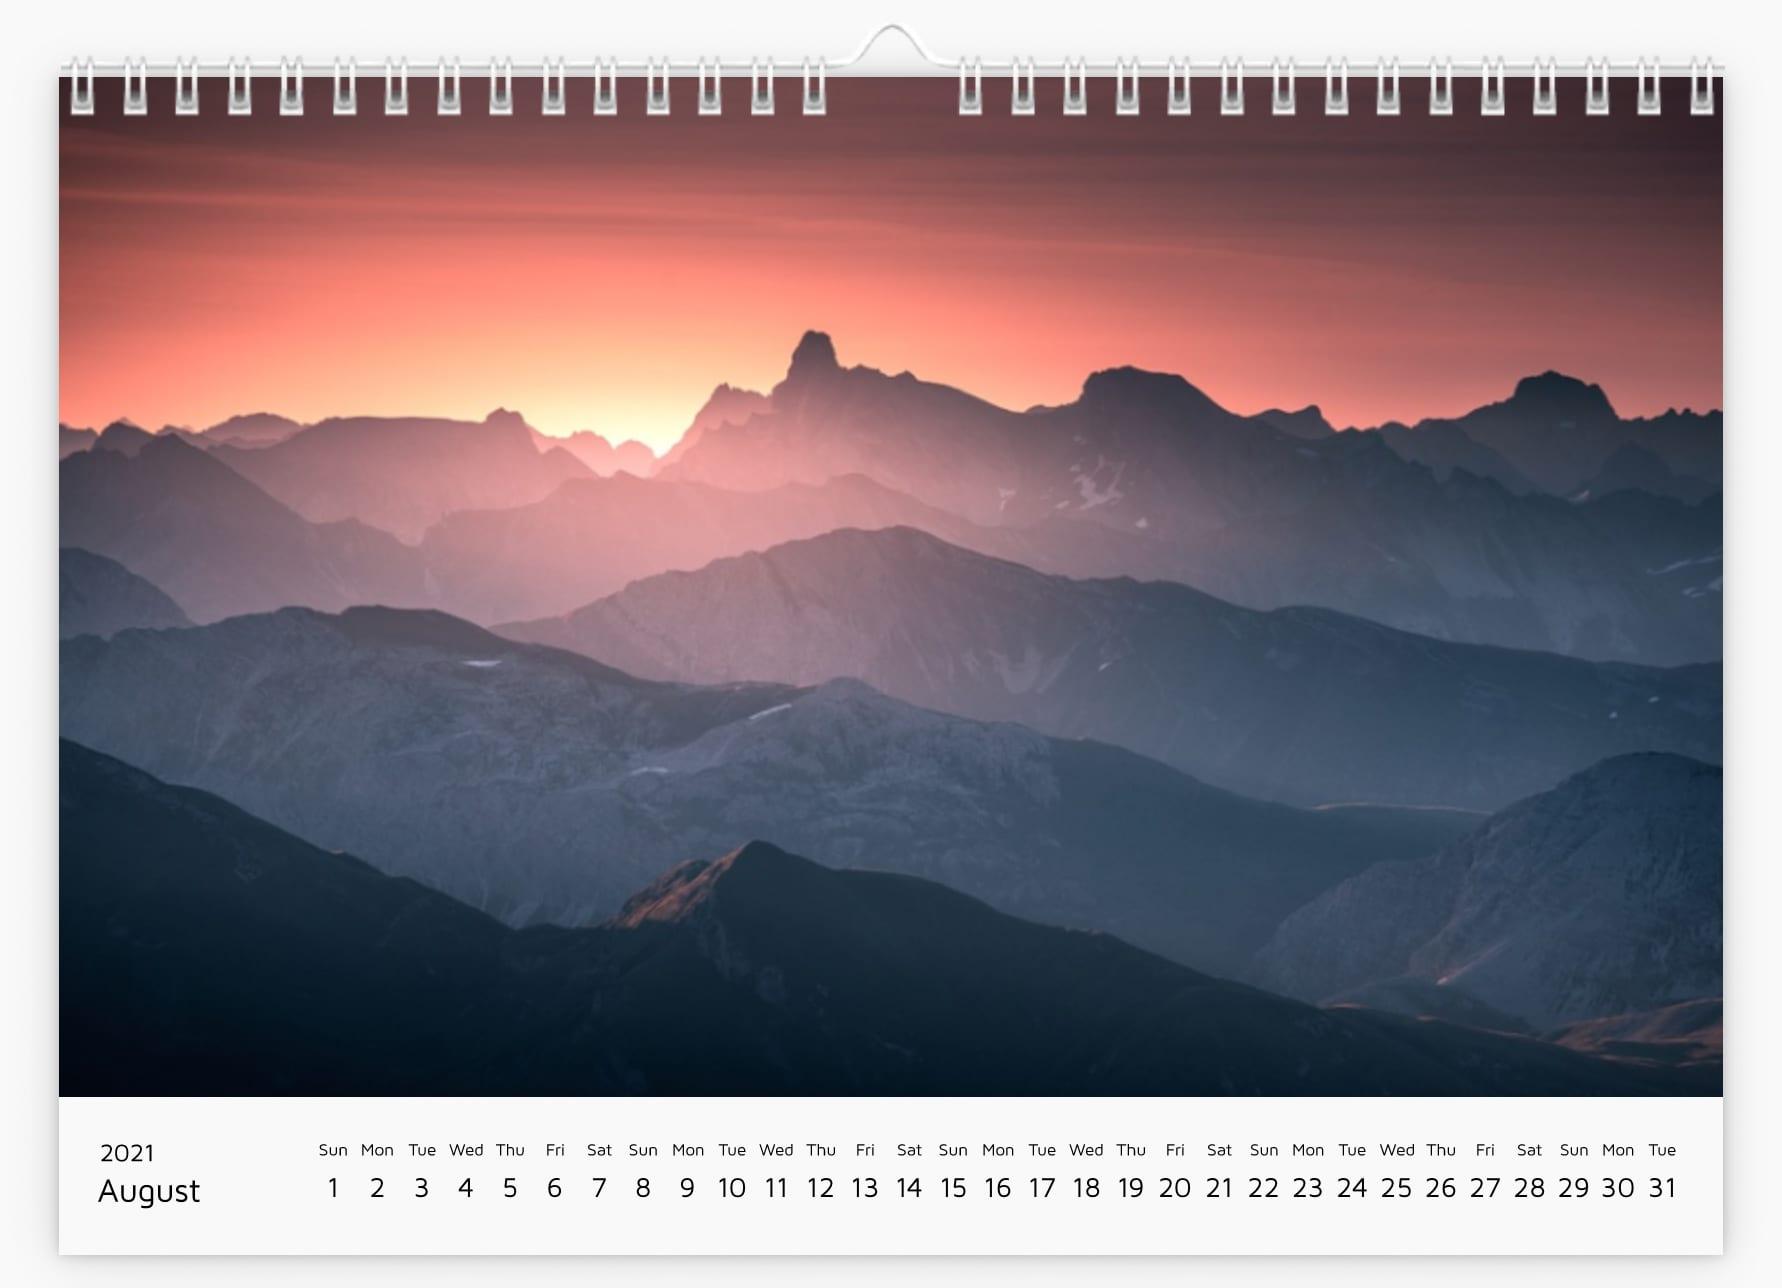 August - Calendar 2021